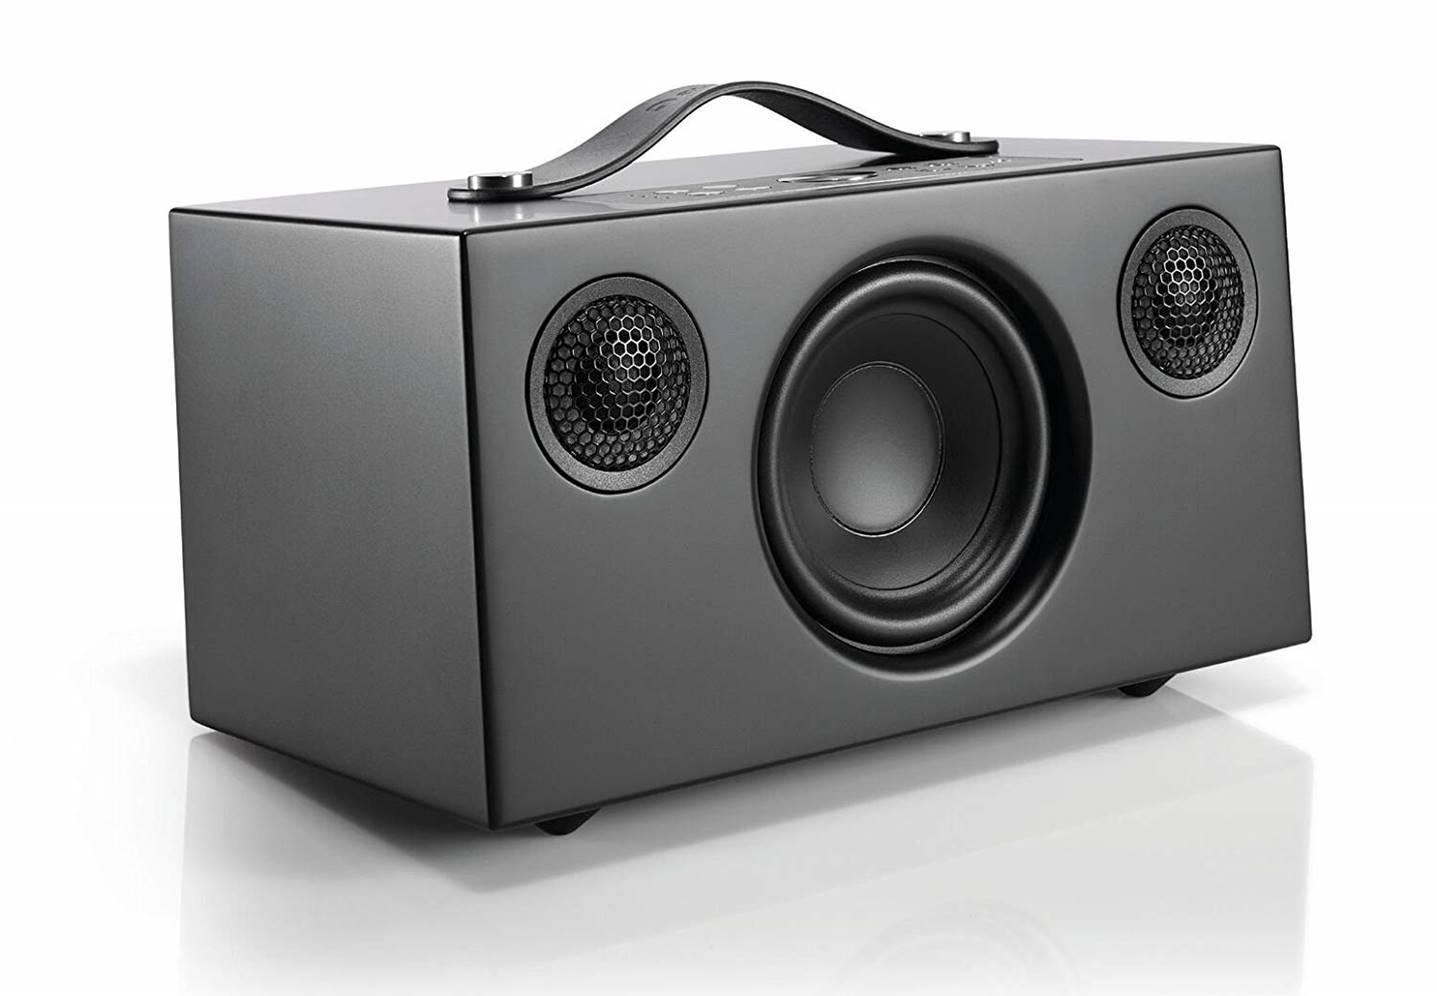 Audio Pro C5 Multi-Room Speaker System